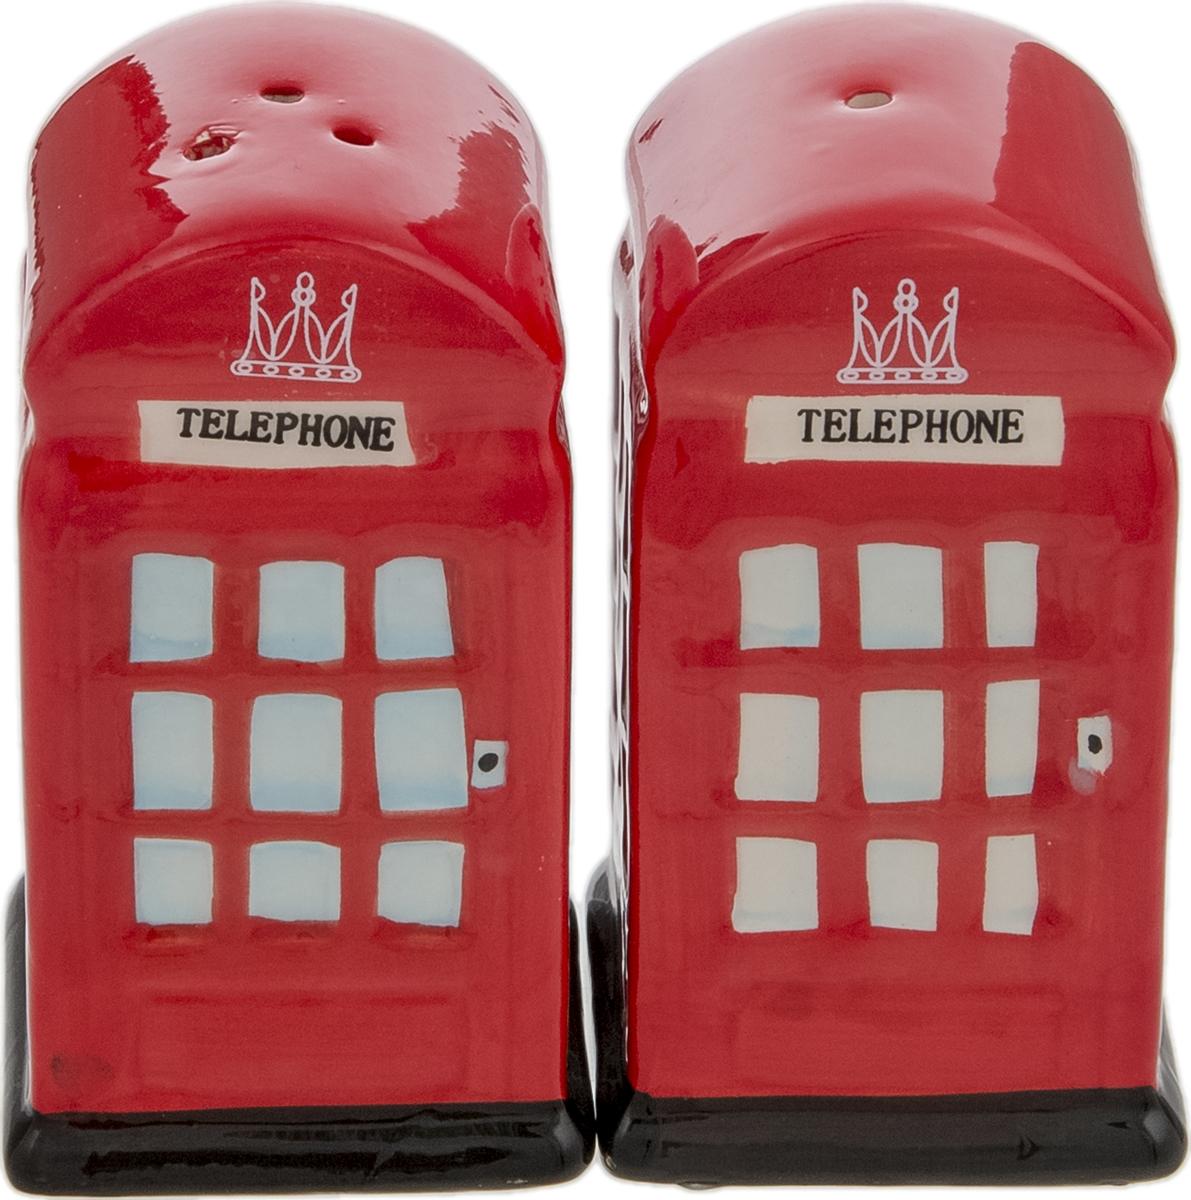 Набор для специй Телефонная будка. Фарфор, роспись, глазуровка. Великобритания, 2000-е гг.2520468Прекрасный набор для специй Телефонная будка: перечница и солонка с пробкой. Фарфор, роспись, глазуровка. Маркировка: без клейма. Датировка: Великобритания, 2000-е гг.Размер: Перечница - высота 8 см, 4 х 4 см. Солонка - высота 8 см, 4 х 4 см. Оригинальная упаковка.Сохранность отличная, изделие не было в использовании.